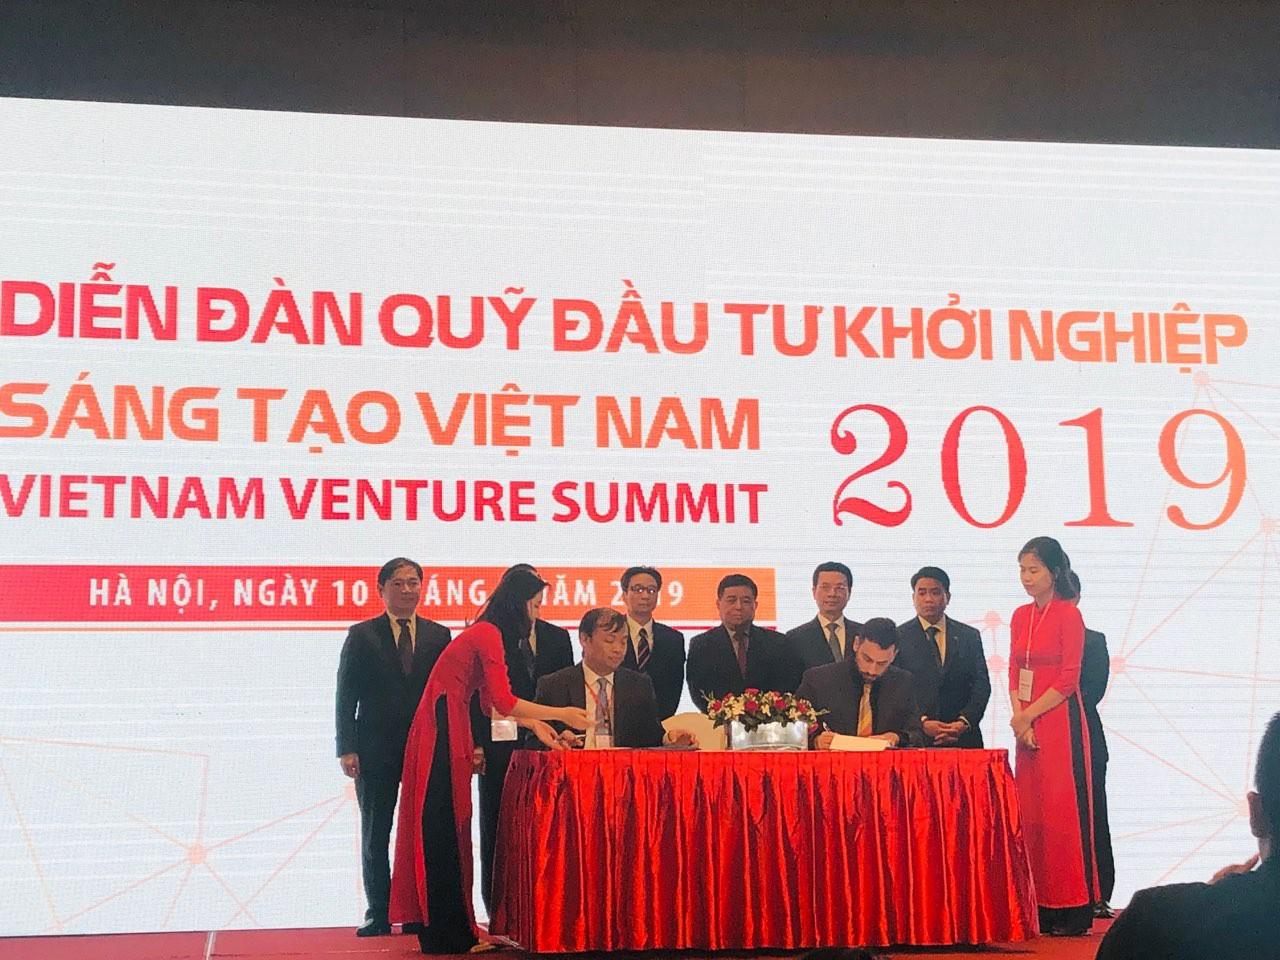 Phó Thủ tướng Vũ Đức Đam: Không ngăn doanh nghiệp Việt Nam ra nước ngoài lập công ty, nhưng đừng để họ phải ra nước ngoài vì qui định của chúng ta  - Ảnh 1.